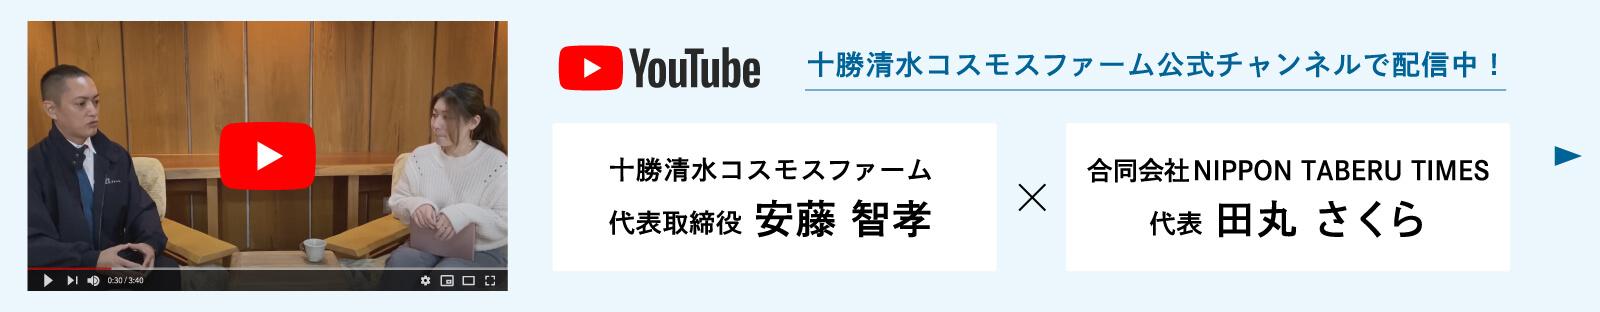 十勝清水コスモスファームYoutube公式チャンネル